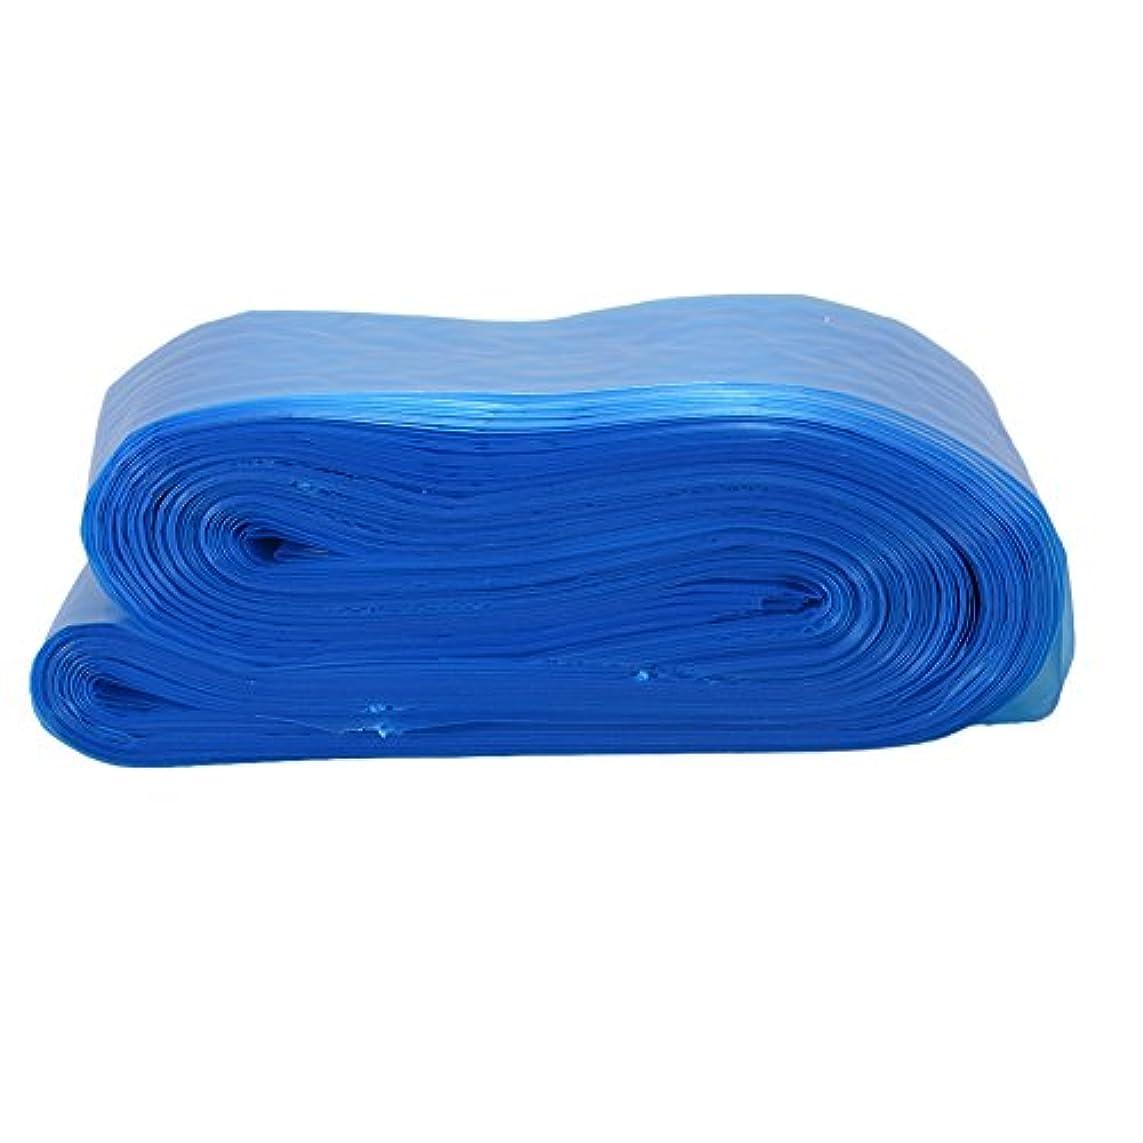 マンモス間欠買い物に行くRaiFu タトゥークリップカバー バッグ タトゥーアクセサリー コード スリーブバッグ タトゥーマシンのため 使い捨て プロフェッショナル ブルー 100PCS/パック